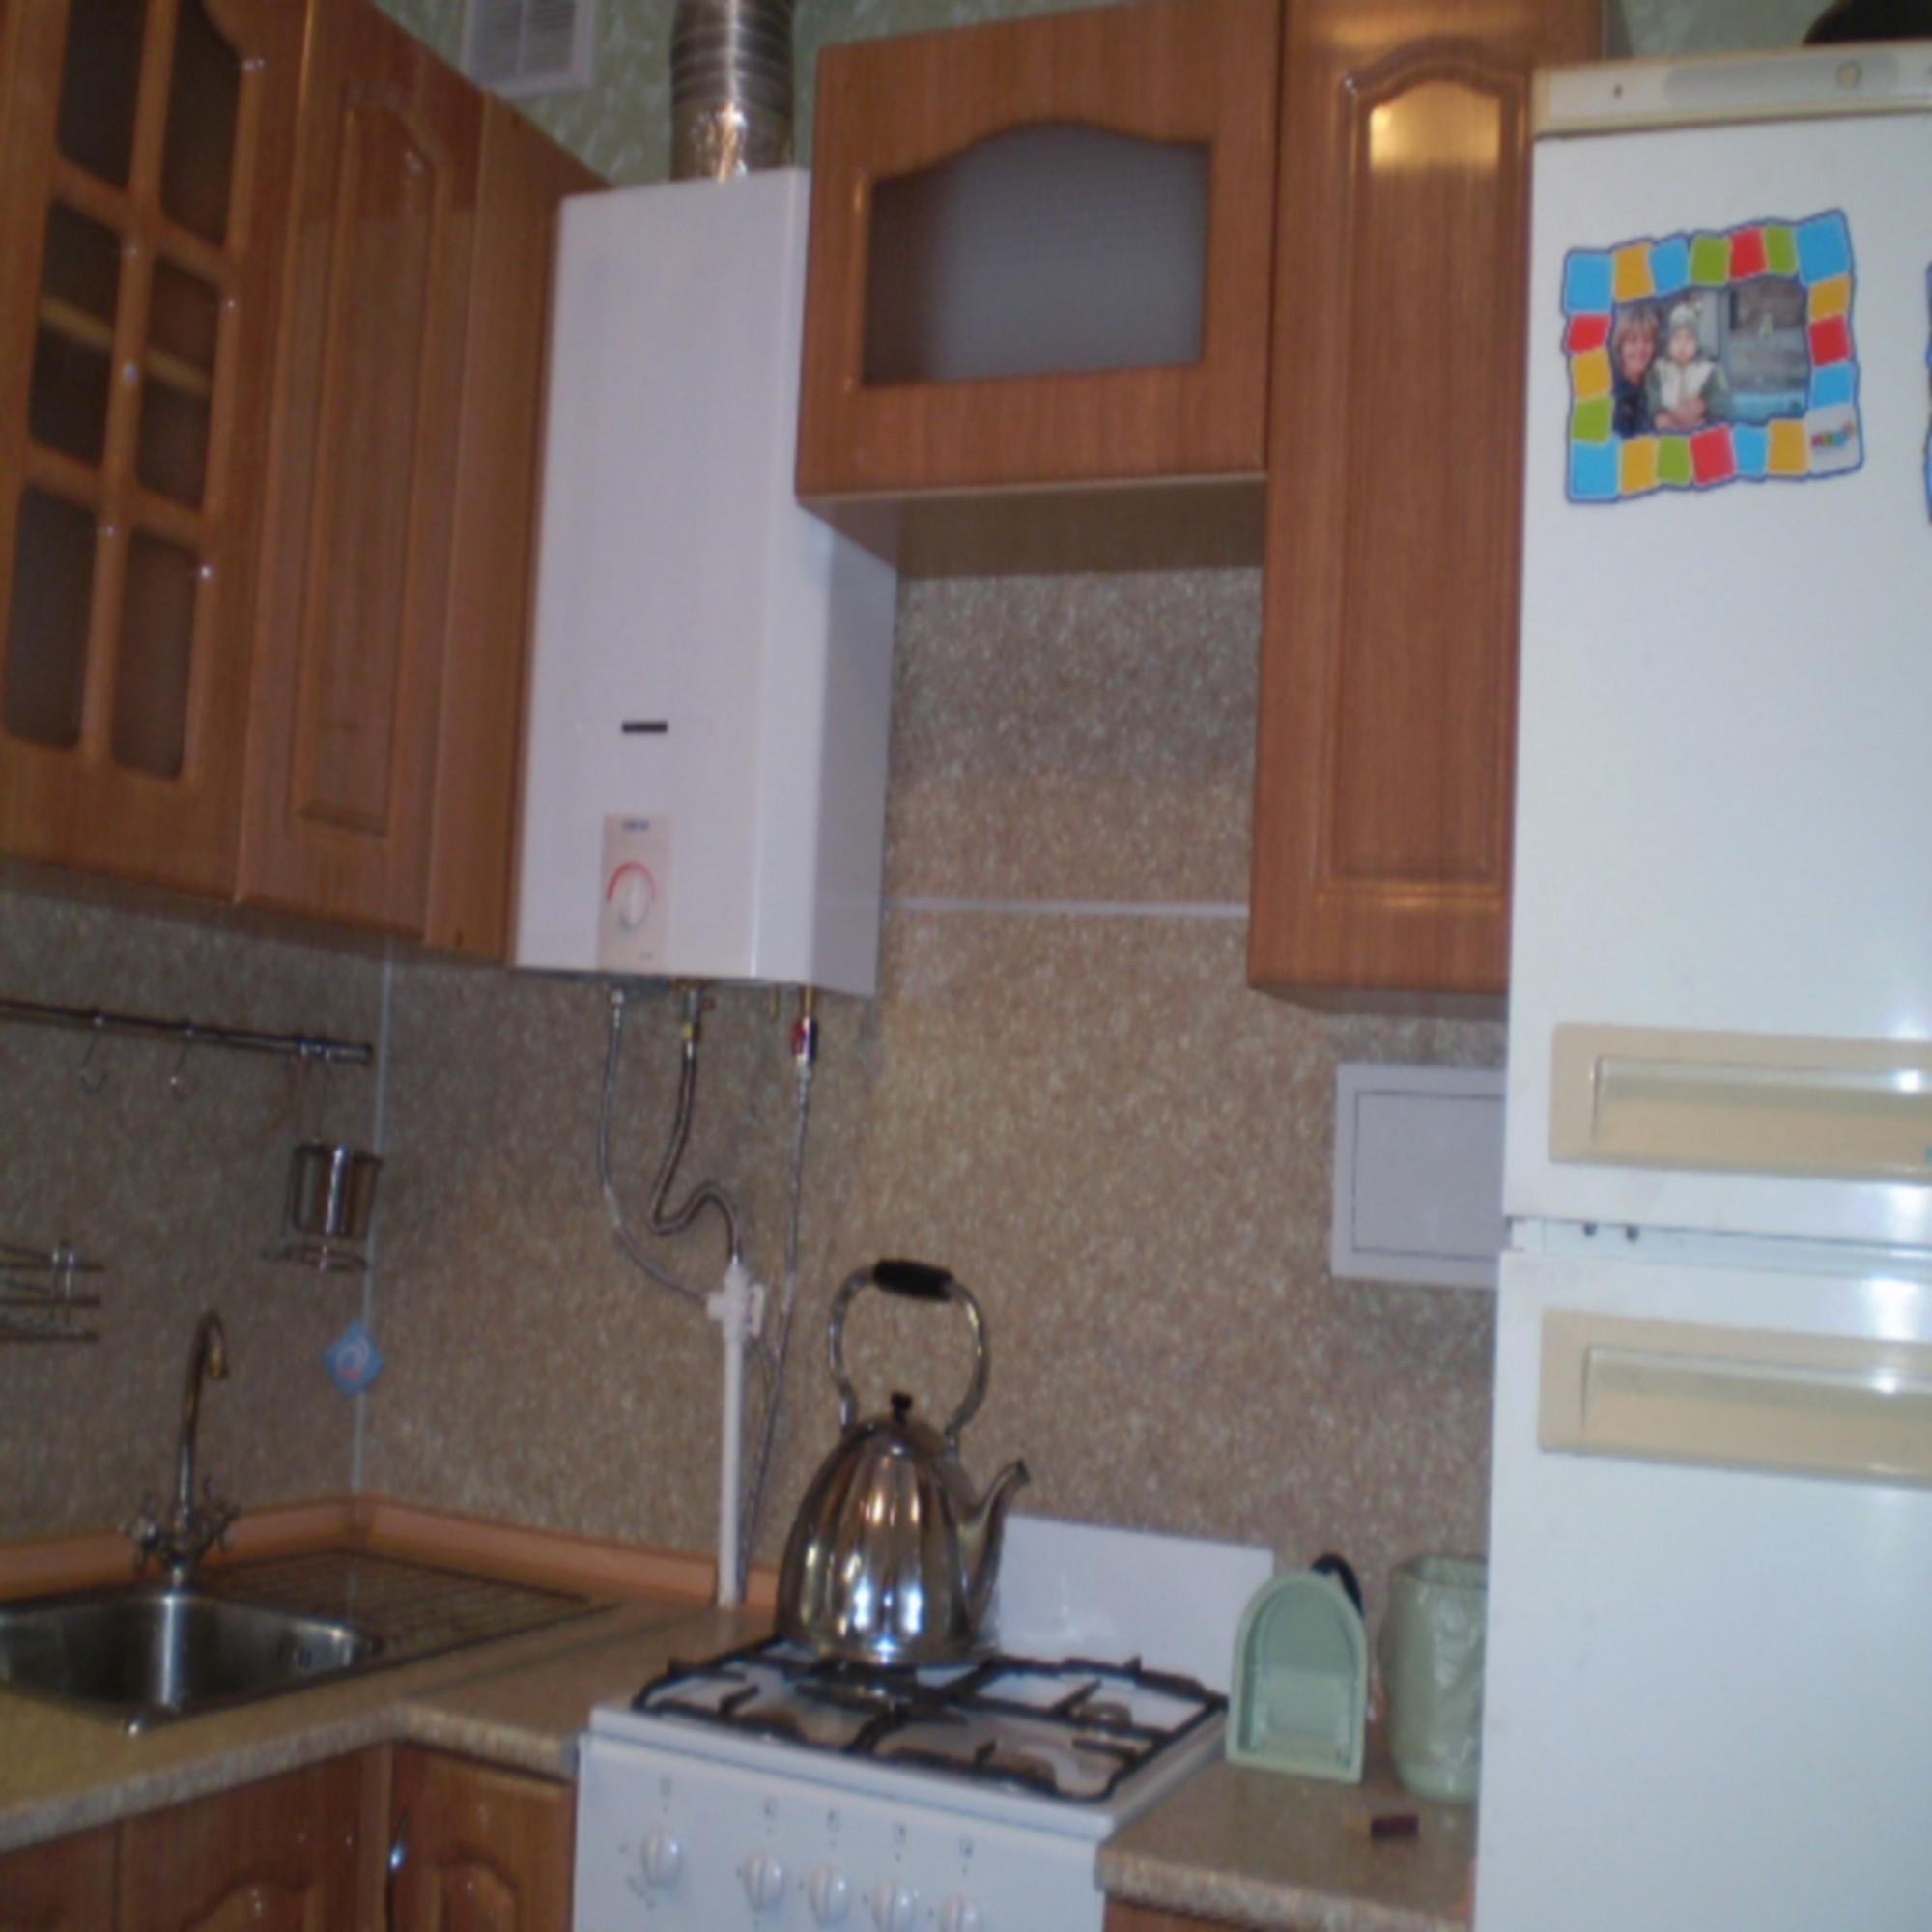 Кухни с газовой колонкой в хрущевке дизайн малогабаритные 5 квм с